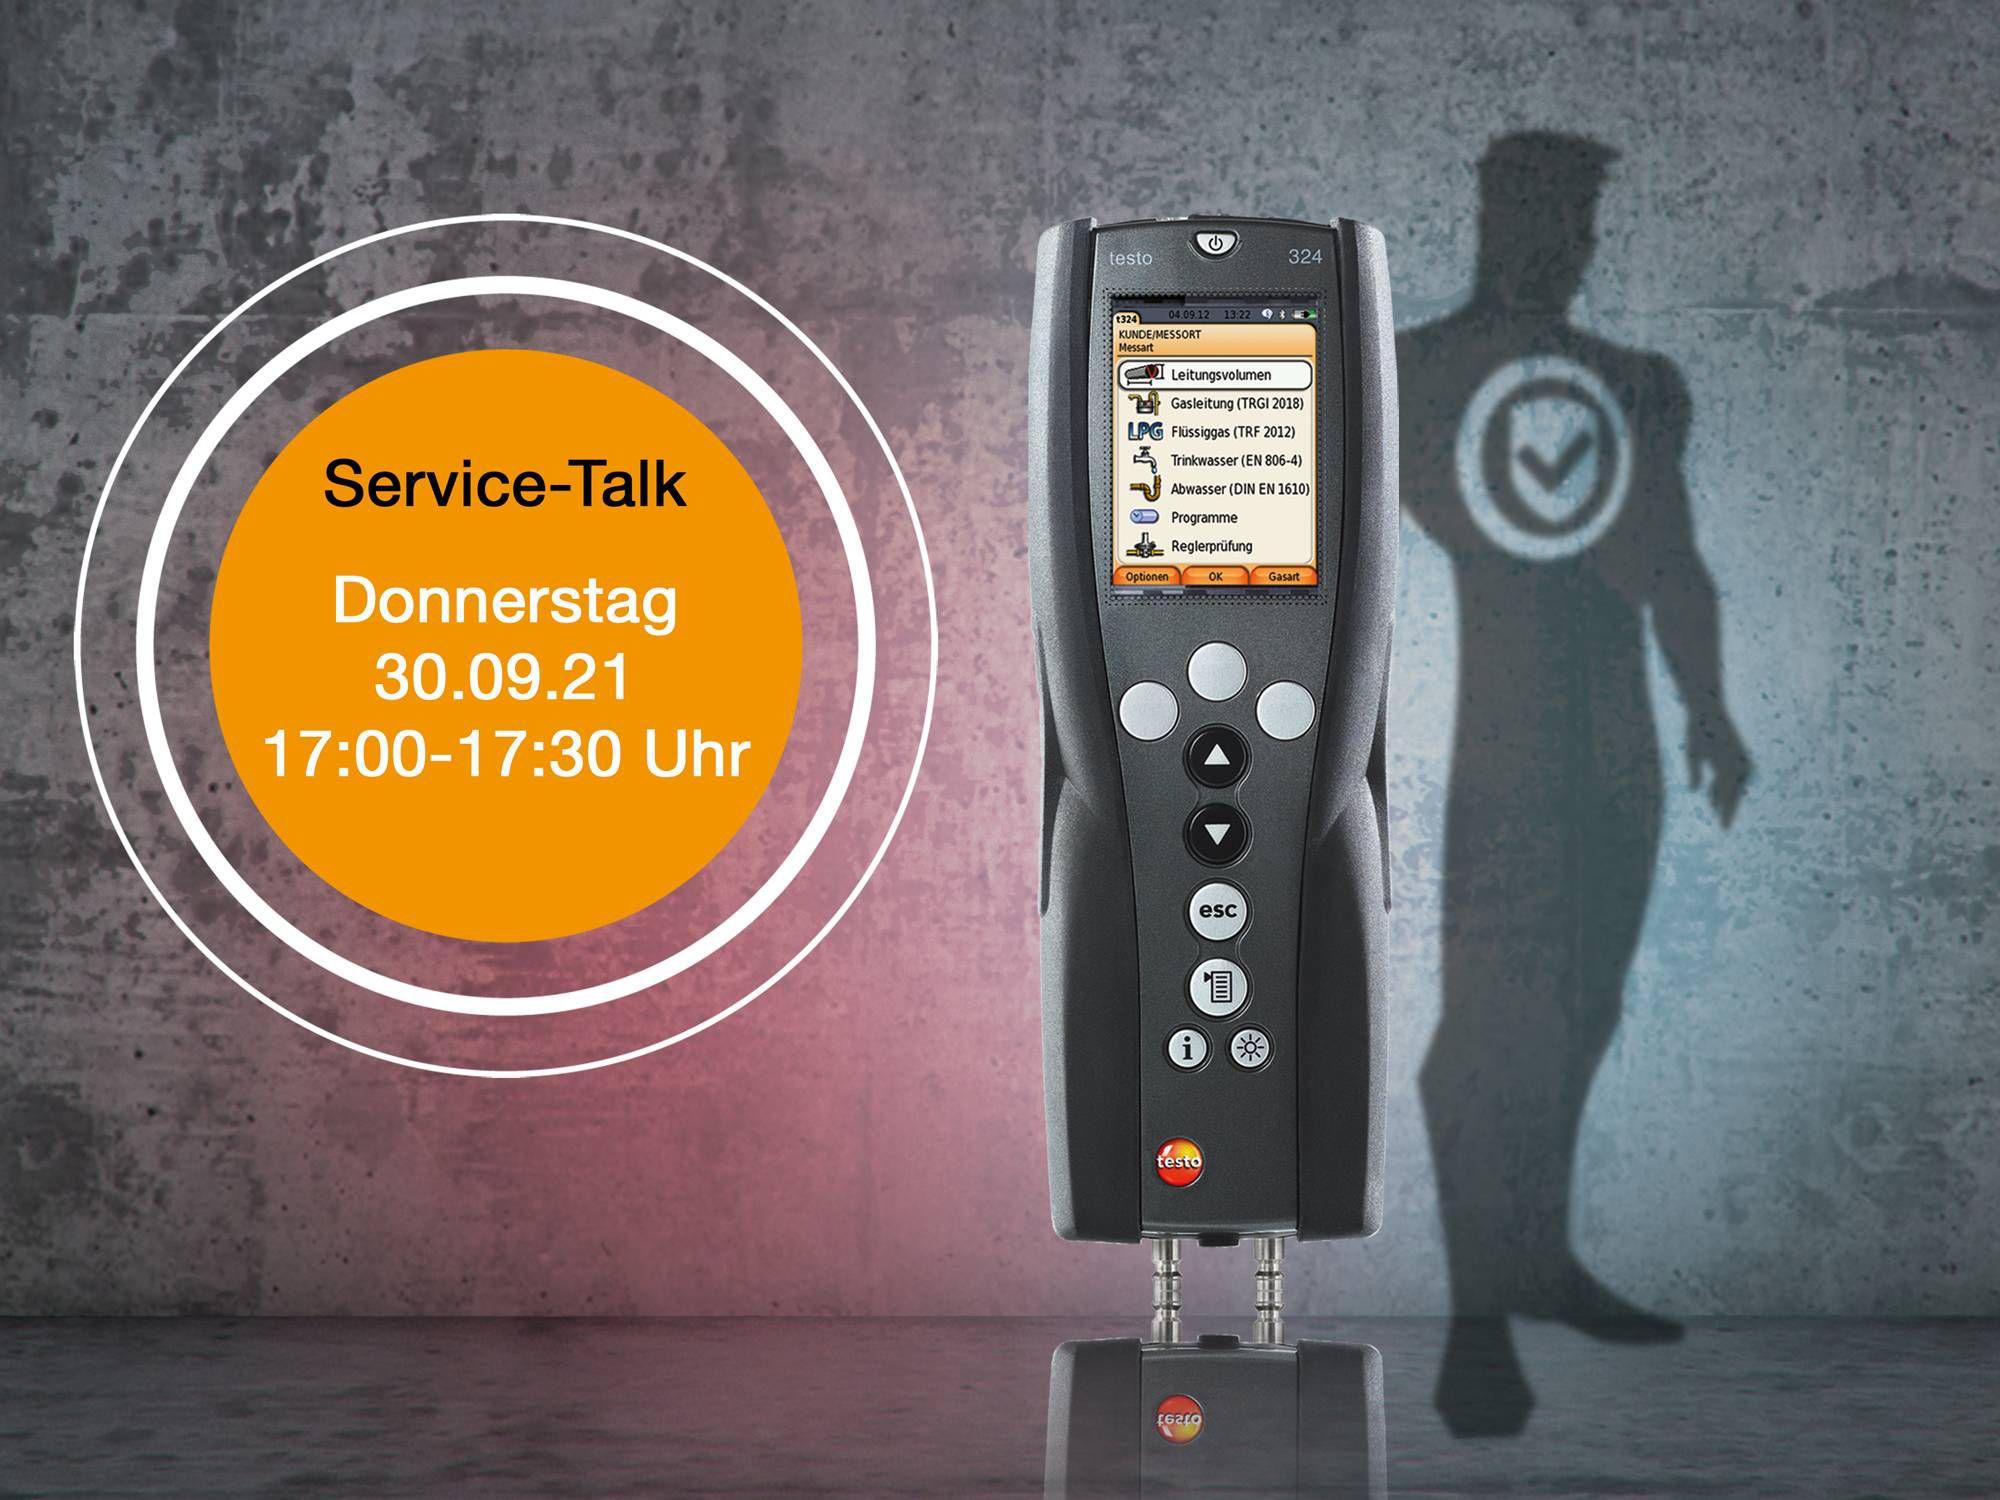 Servicetalk testo 324